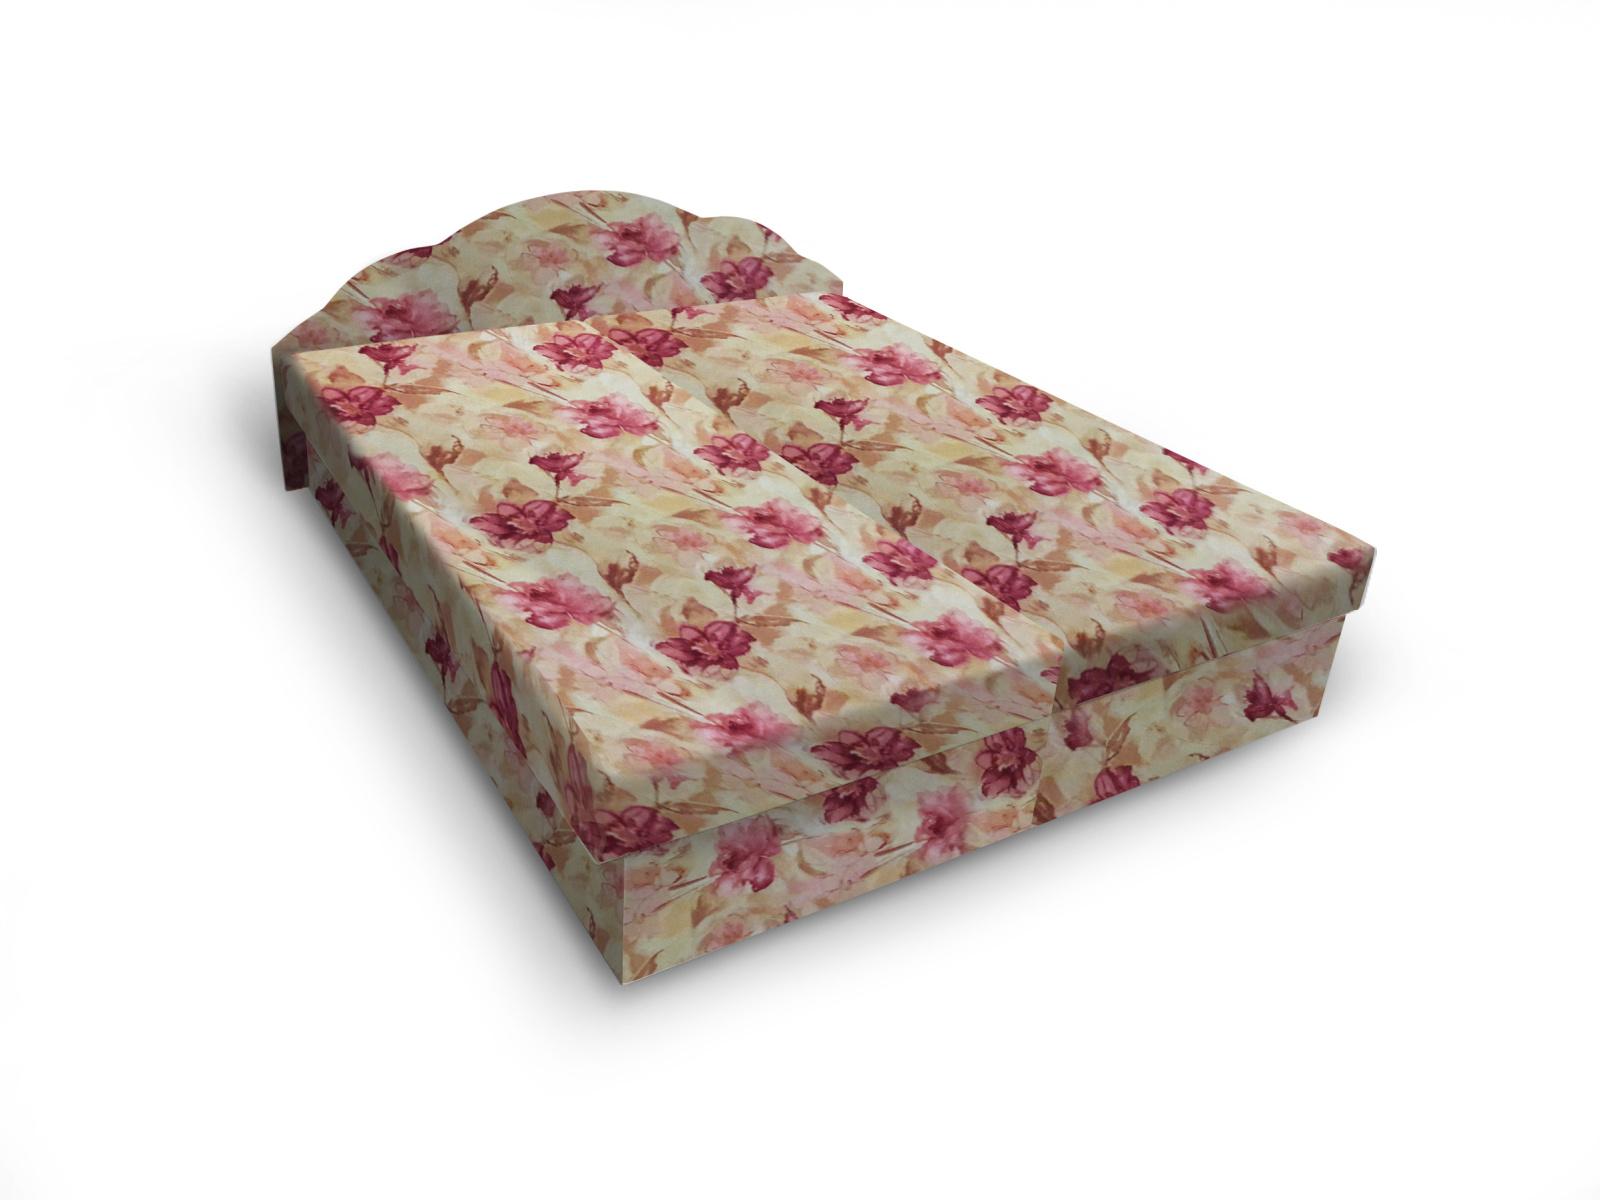 Smartshop Čalouněná postel JITKA 120x200 cm, květinový vzor